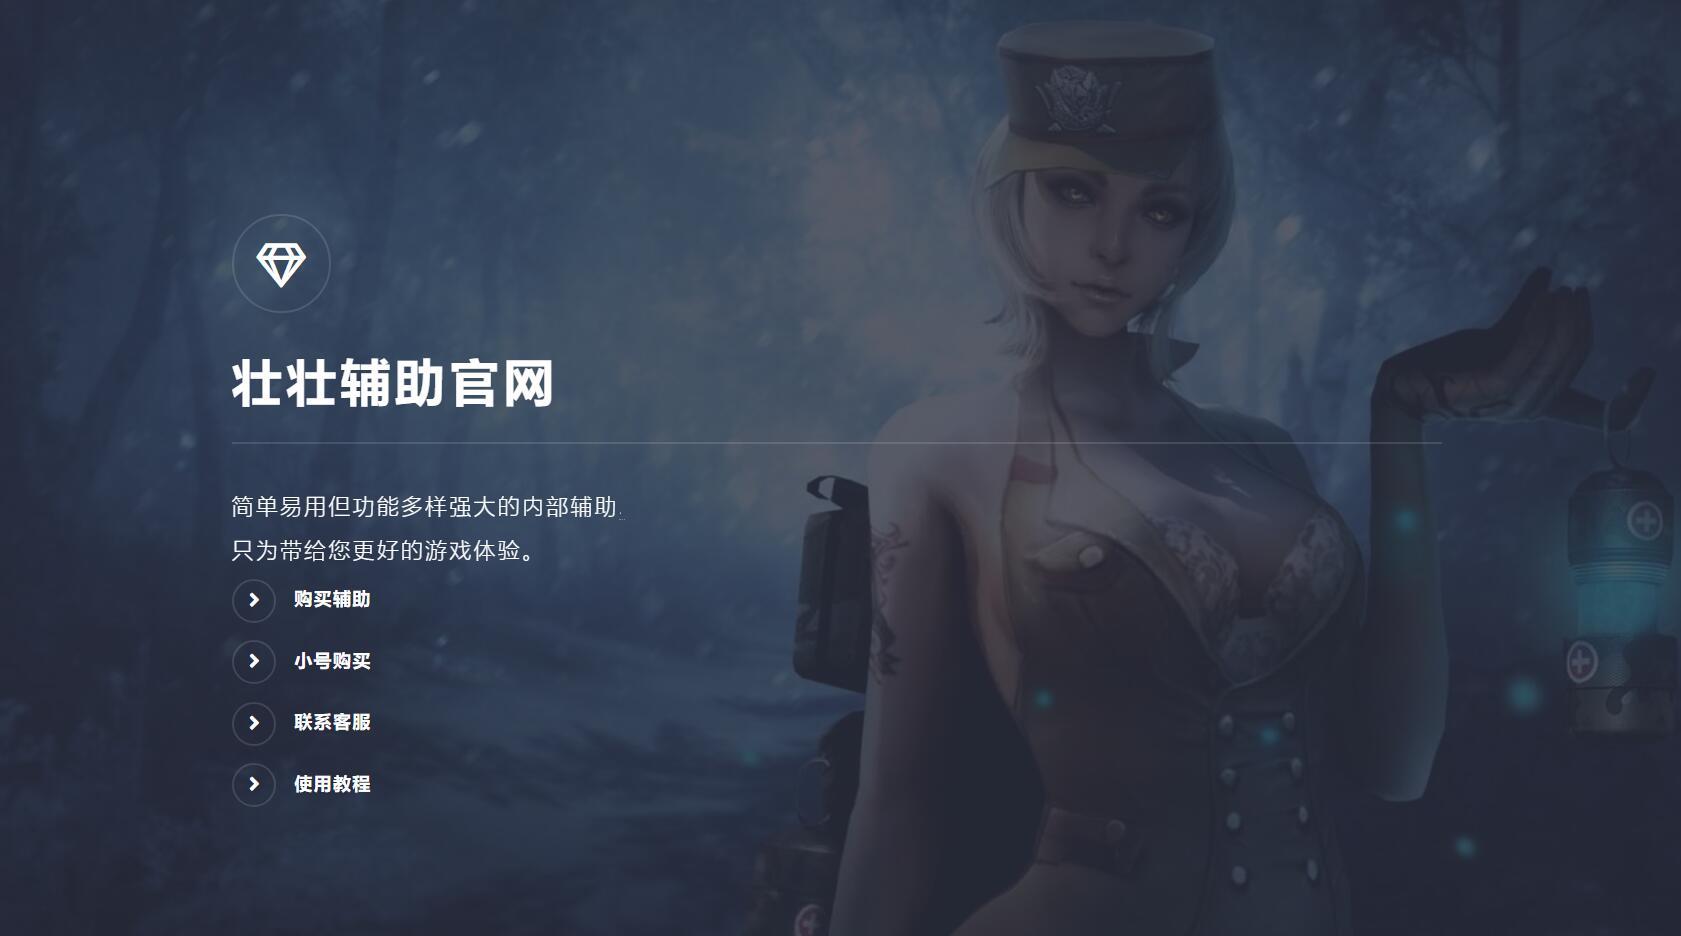 游戏FZ寄售官网源码带后台